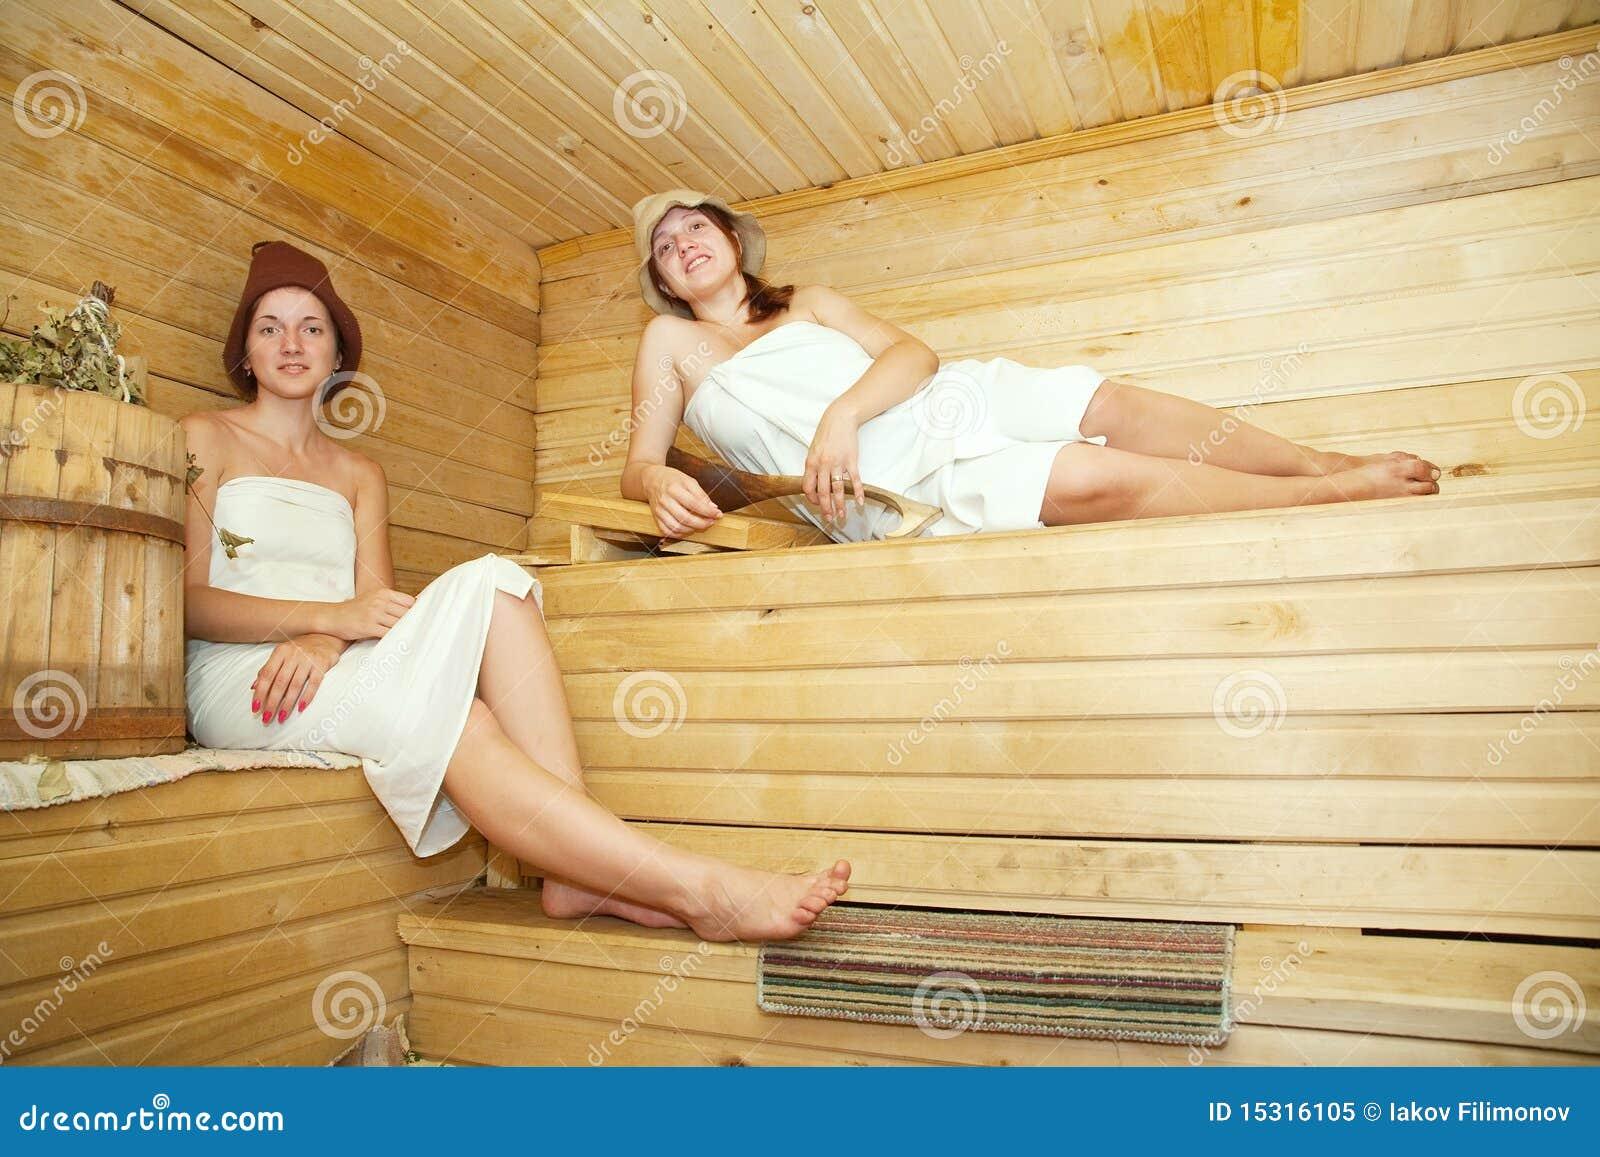 Смотреть онлайн женщина в бане 2 фотография